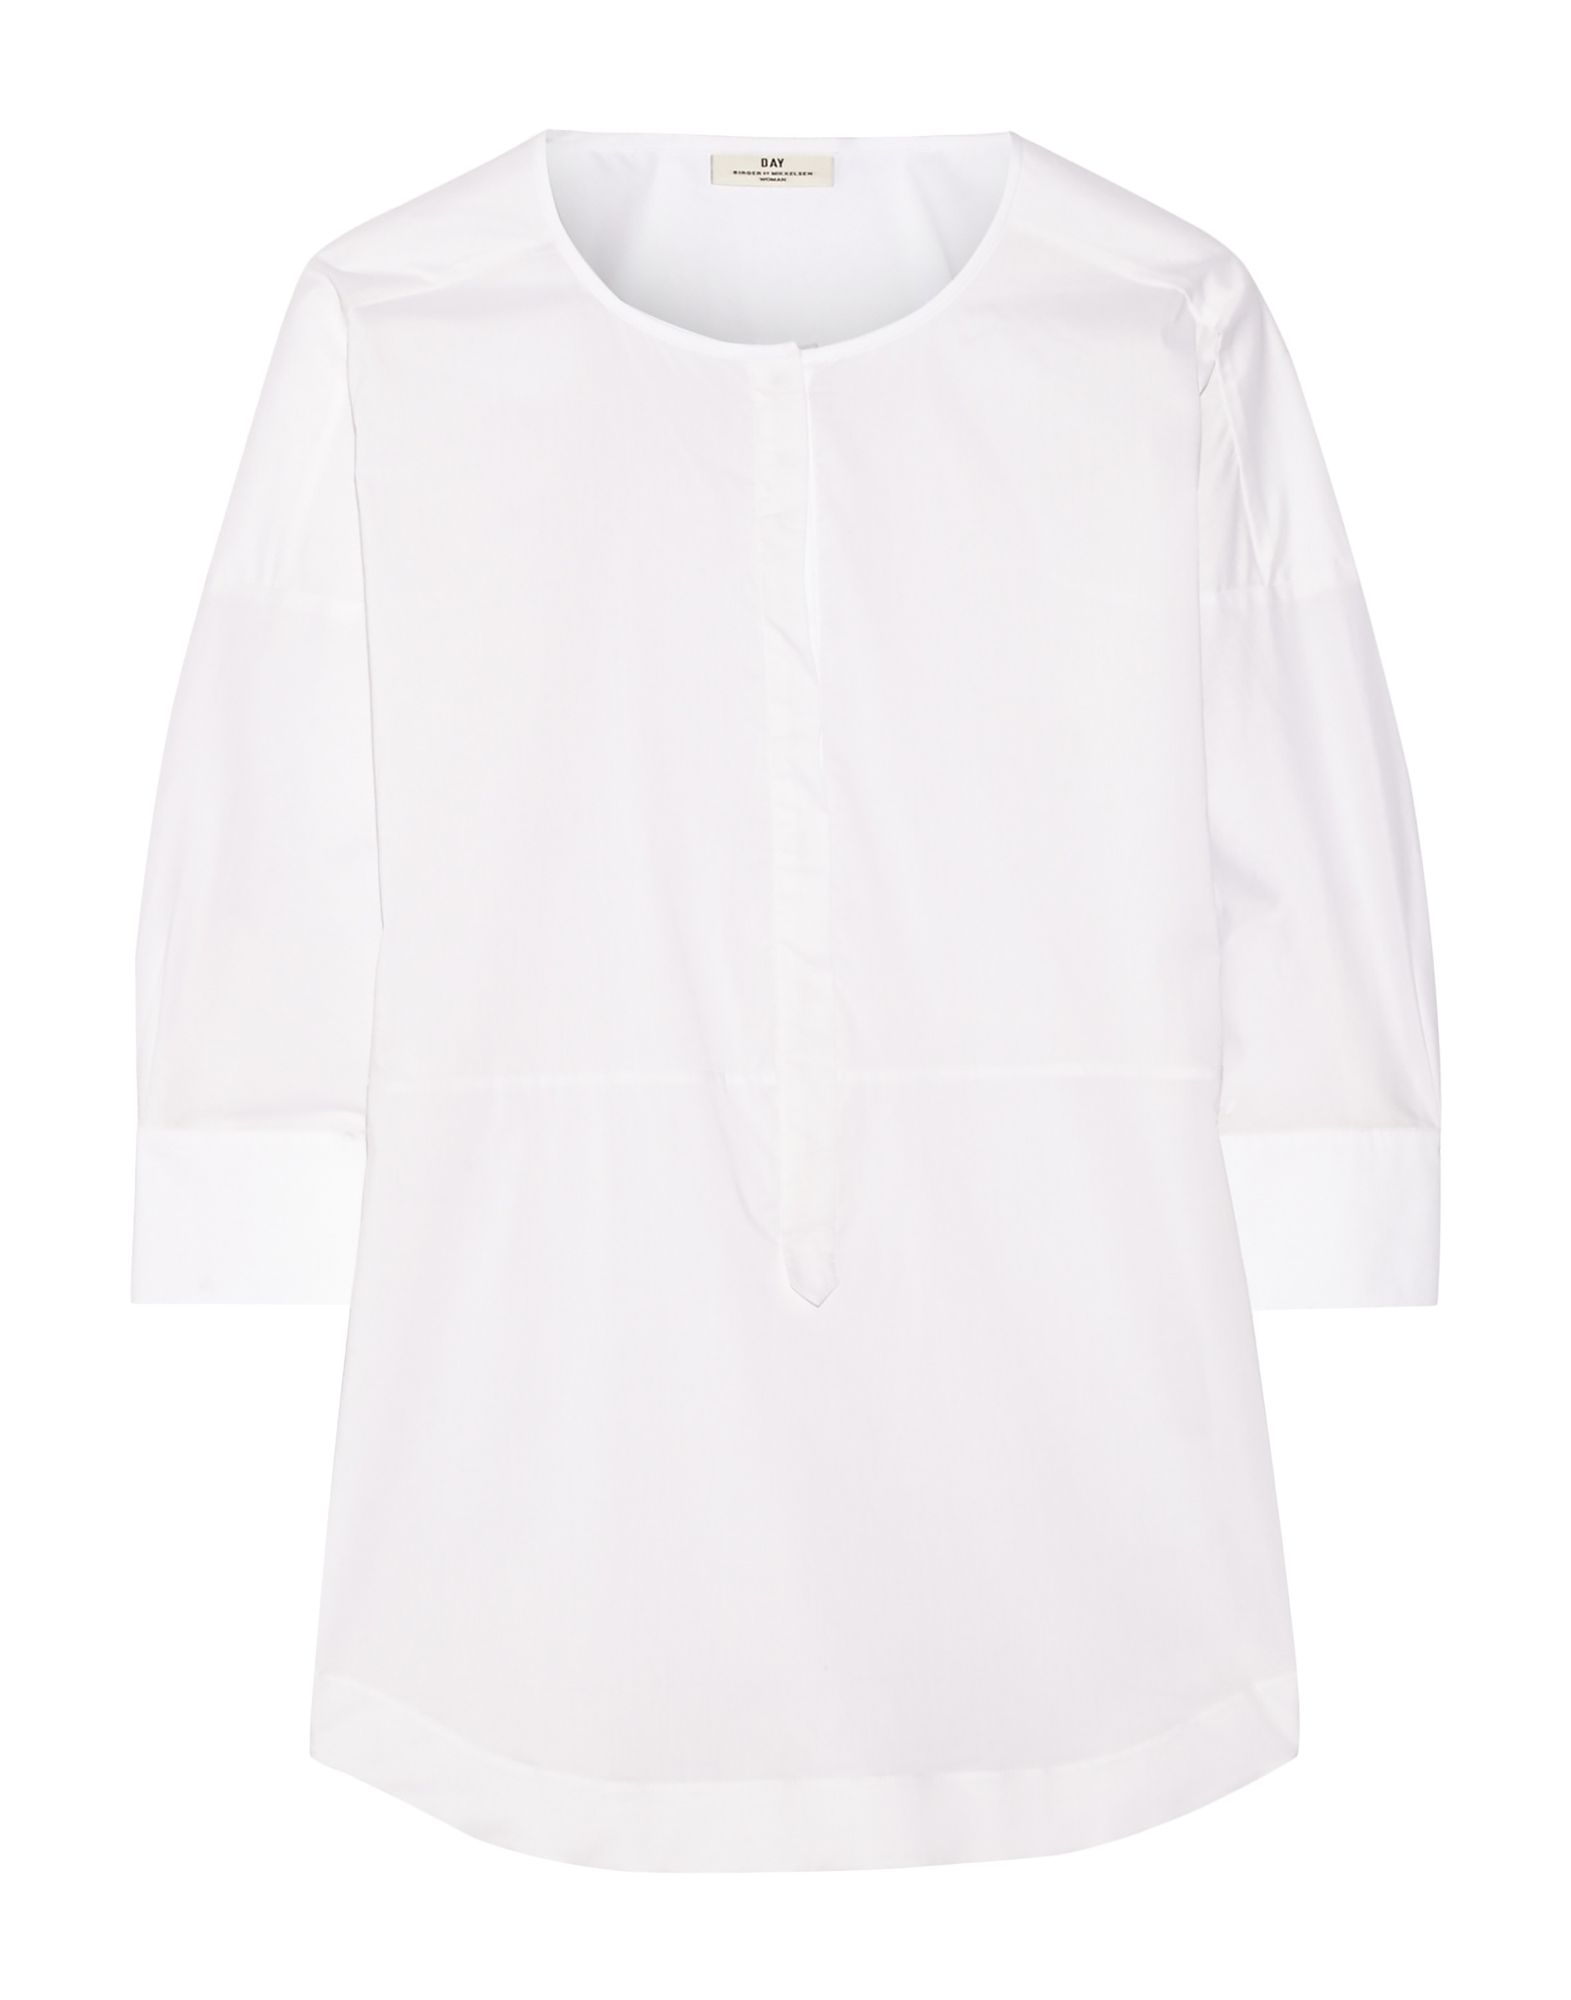 DAY BIRGER ET MIKKELSEN Pубашка day birger et mikkelsen блузка